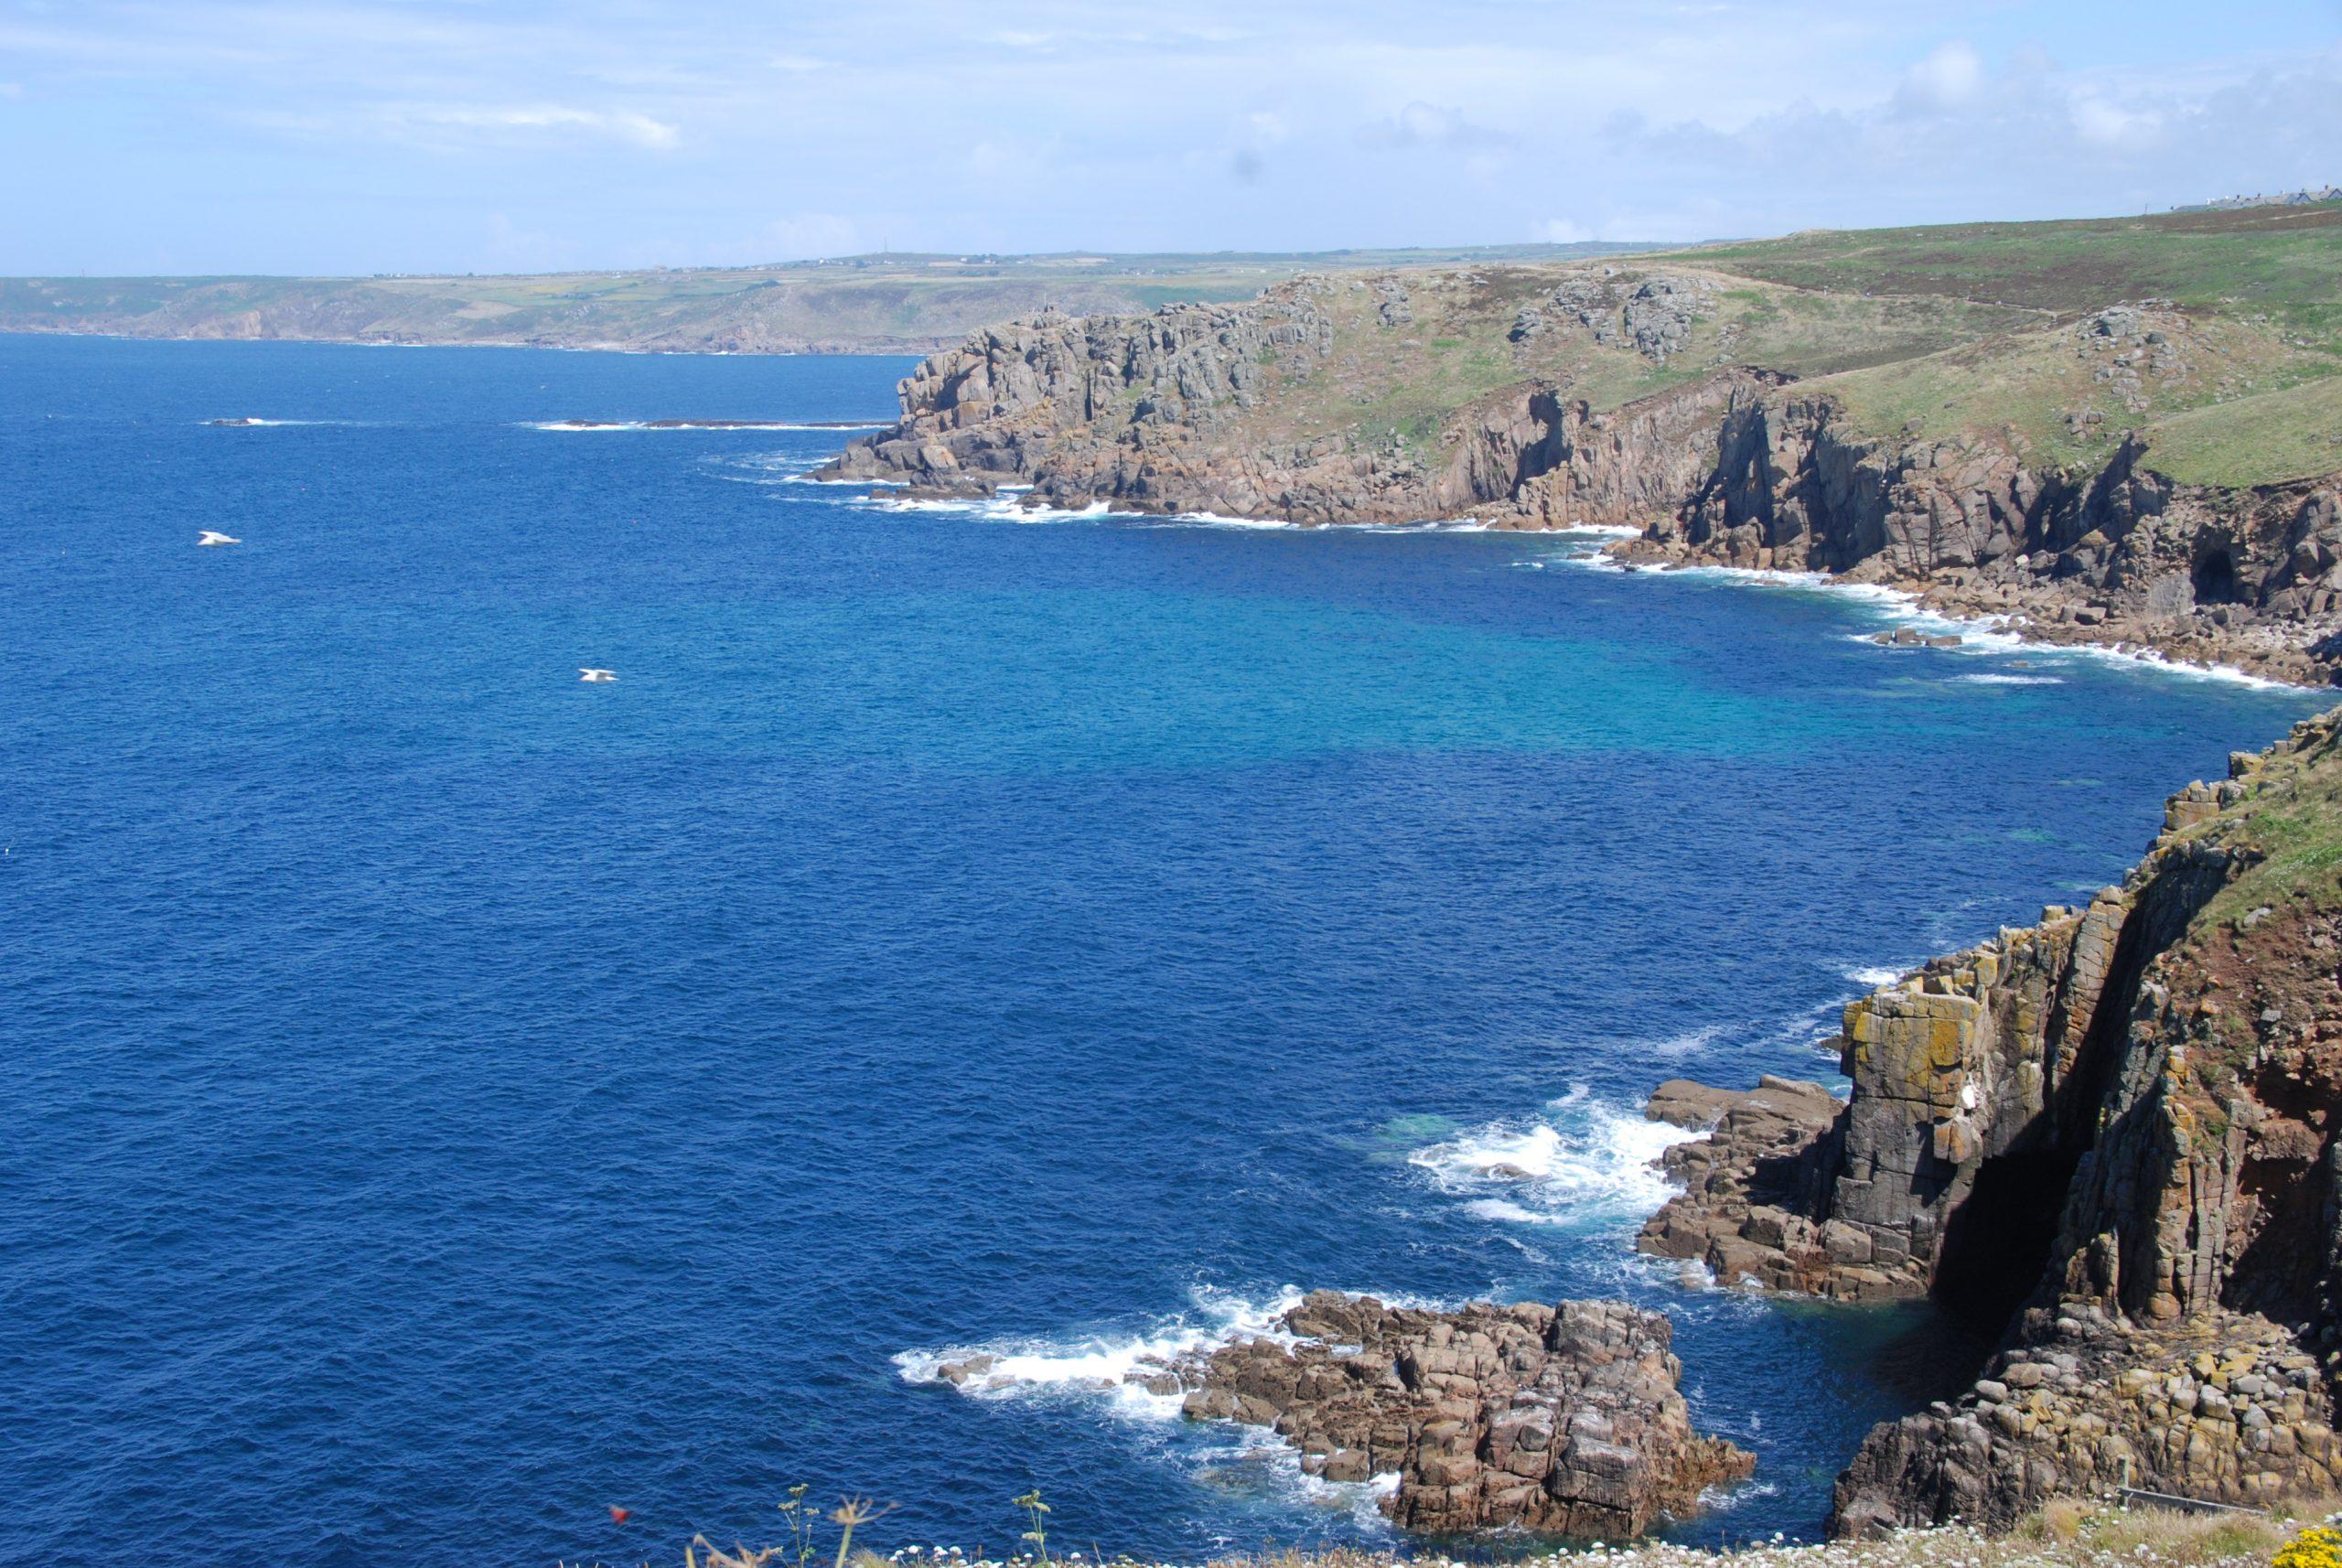 Foto van ruige Engelse kust met fantastisch blauw water